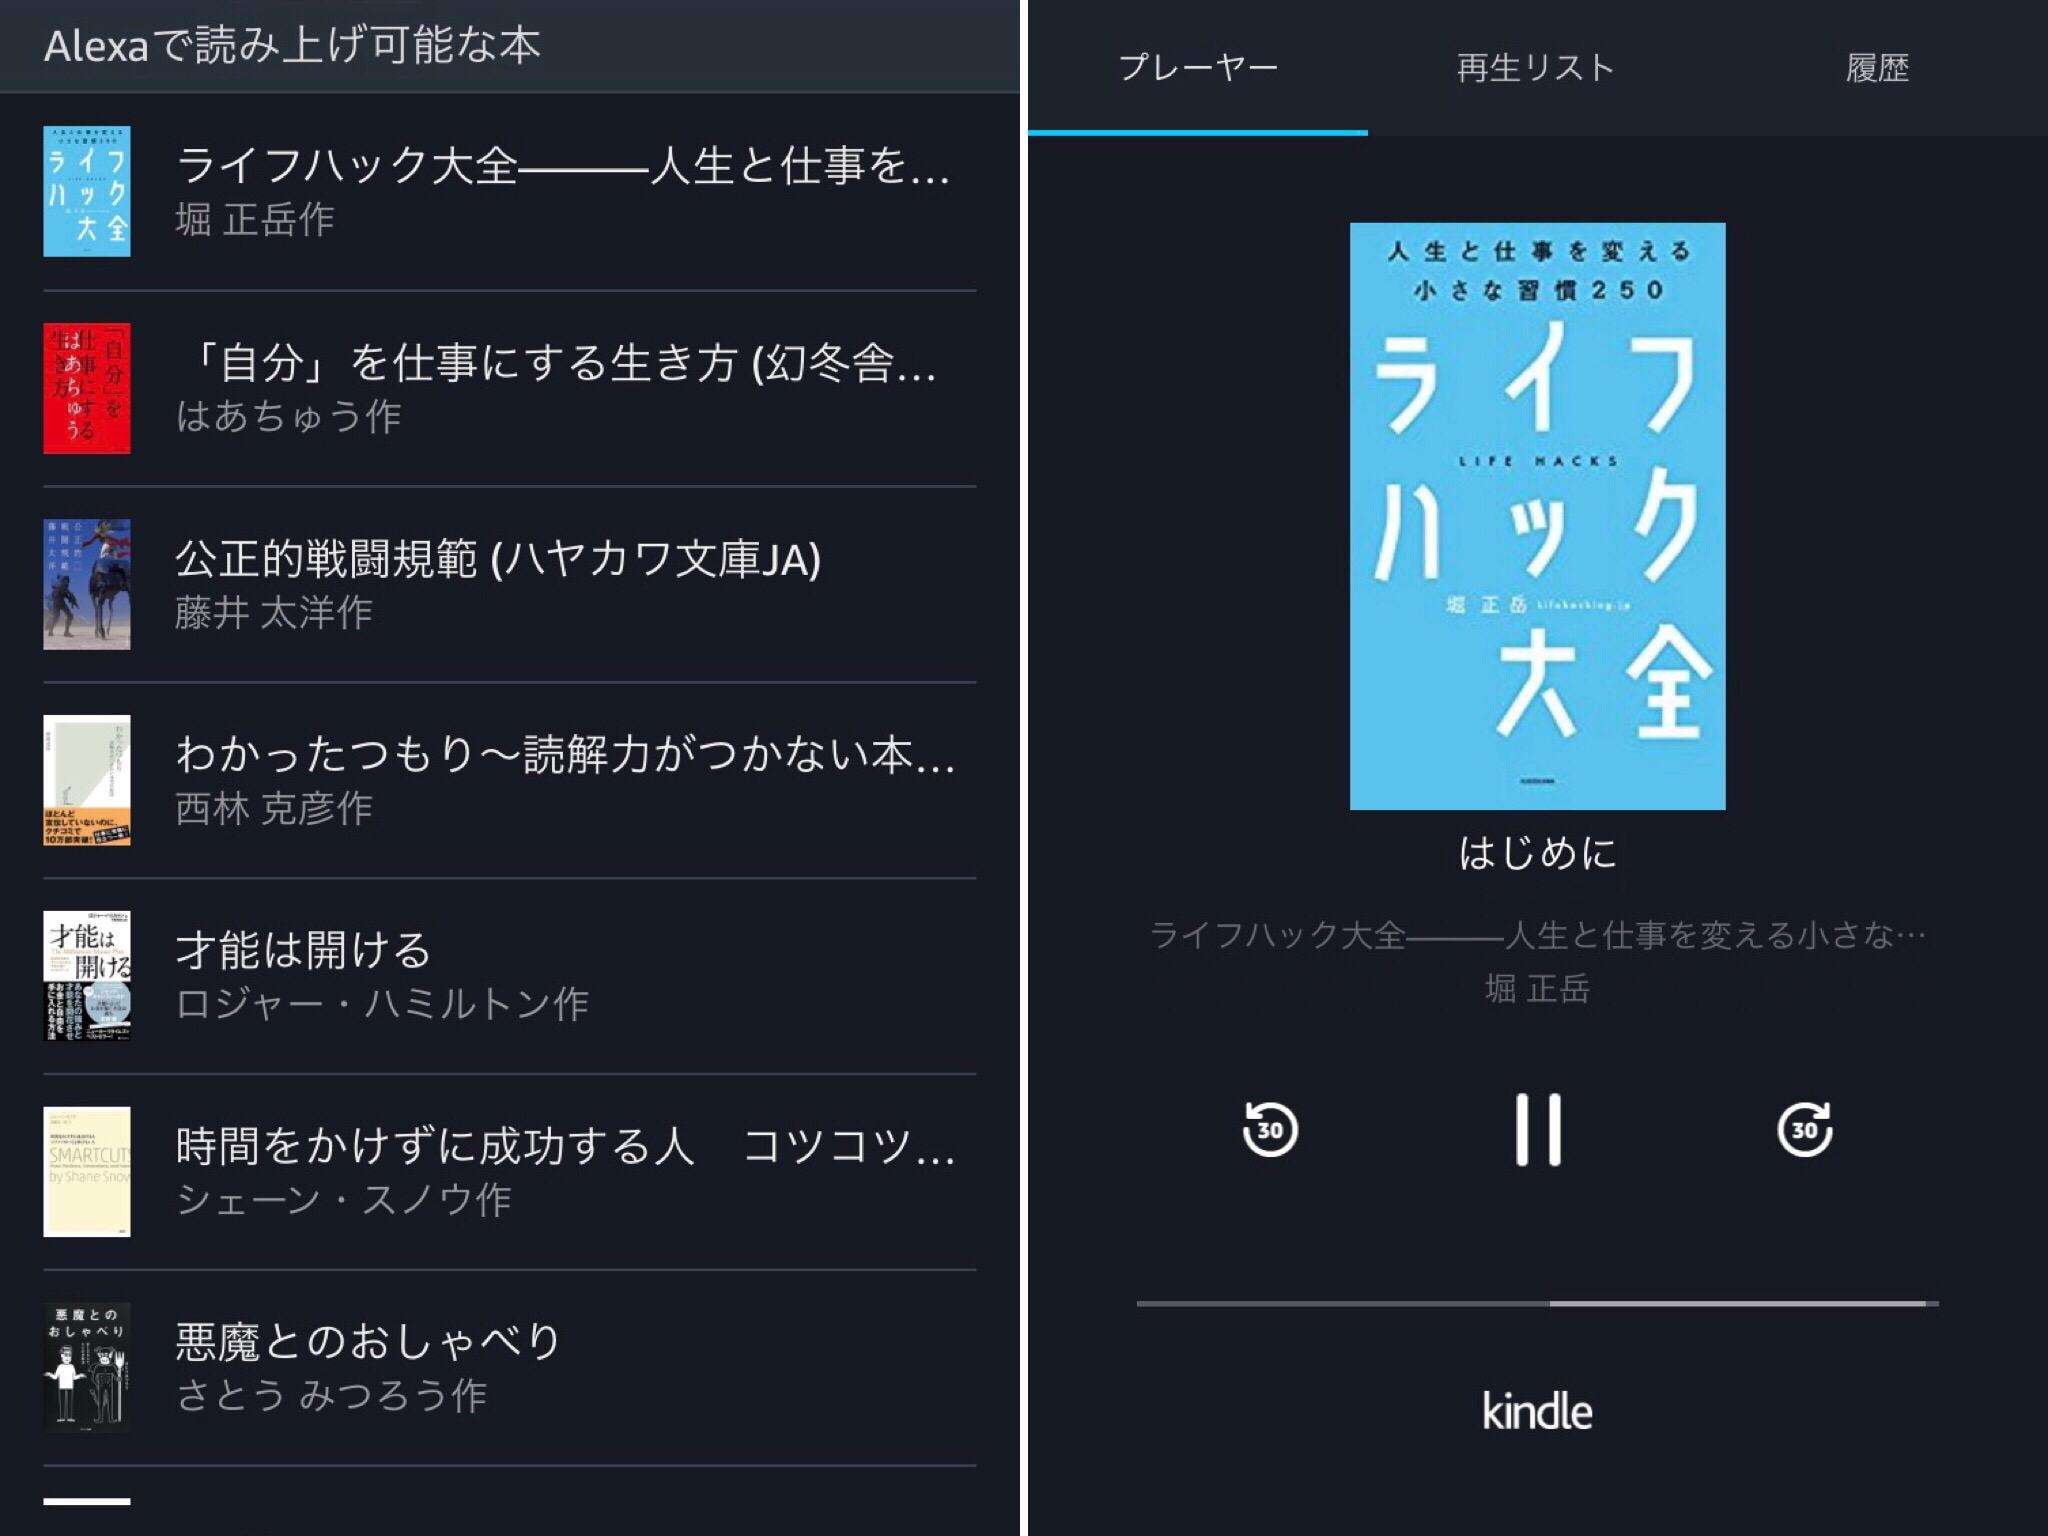 Amazon AlexaアプリのKindle画面